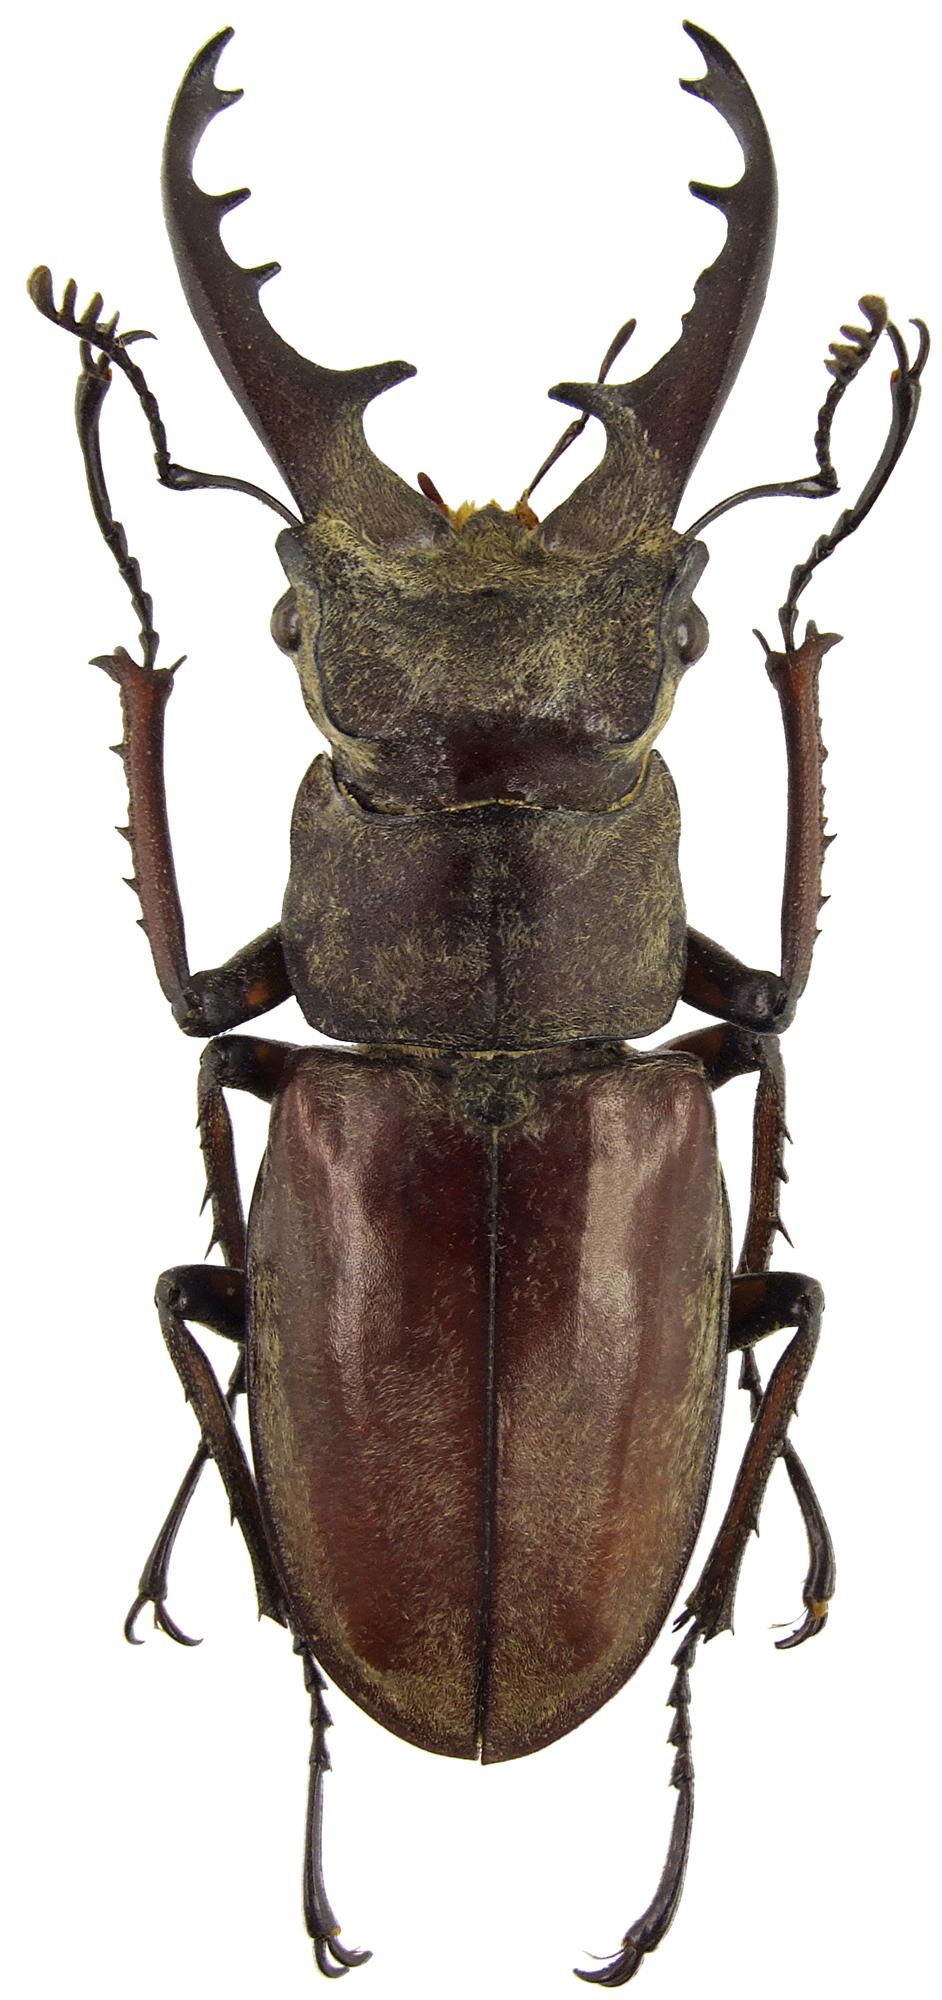 Lucanus maculifemoratus maculifemoratus 41672cz74.jpg